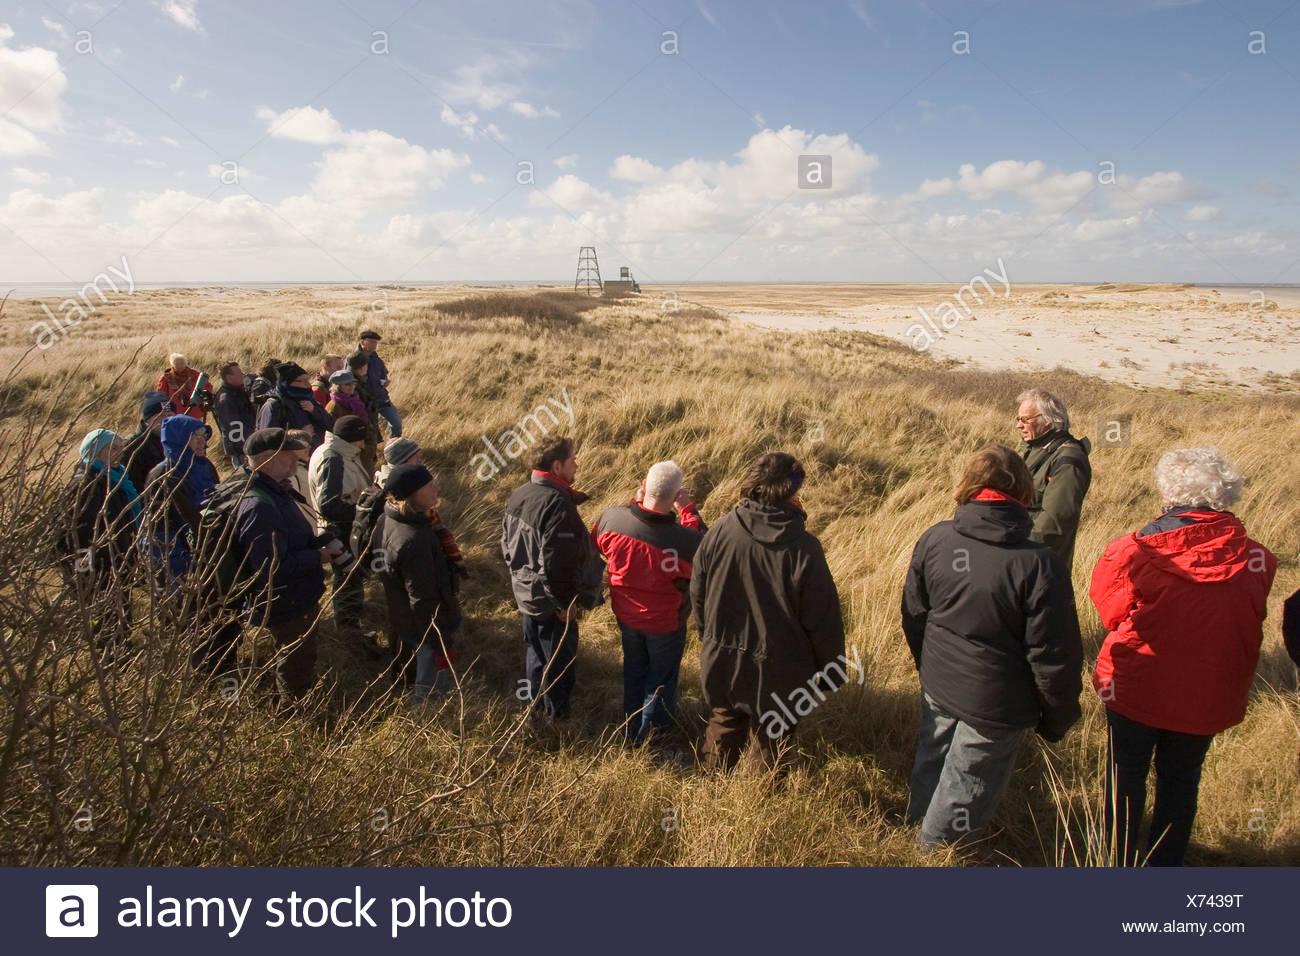 Boswachter Nico de Vries van Staatsbosbeheer geeft uitleg over Rottumeroog. Warden Nico de Vries (SBB) guiding a group on Rottumeroog. - Stock Image